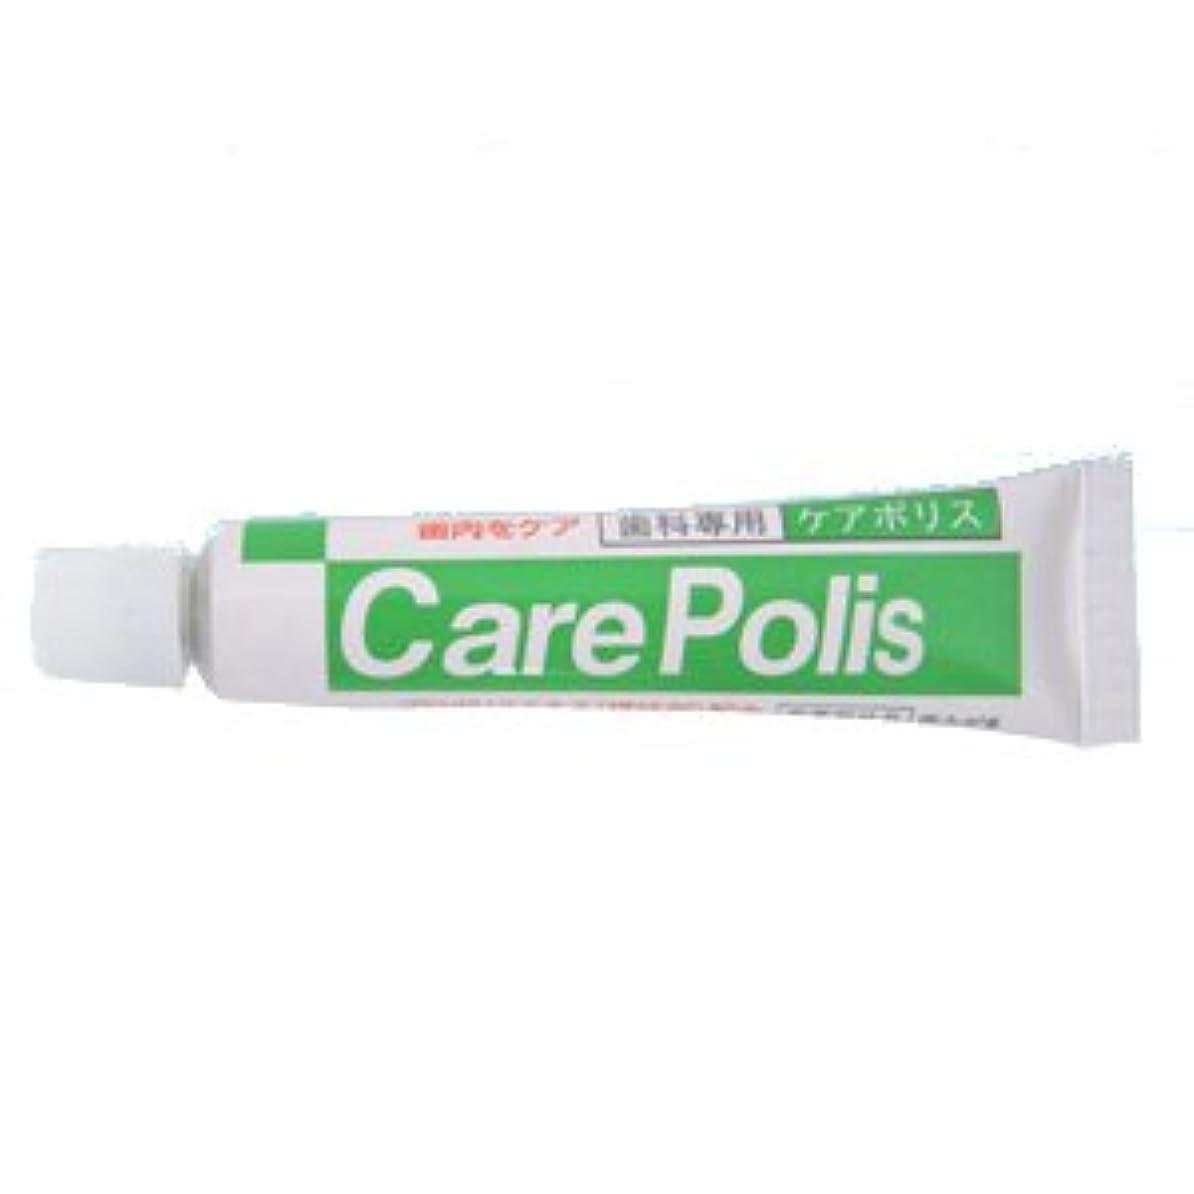 鼻微生物防腐剤薬用歯磨 ケアポリス 7g 医薬部外品